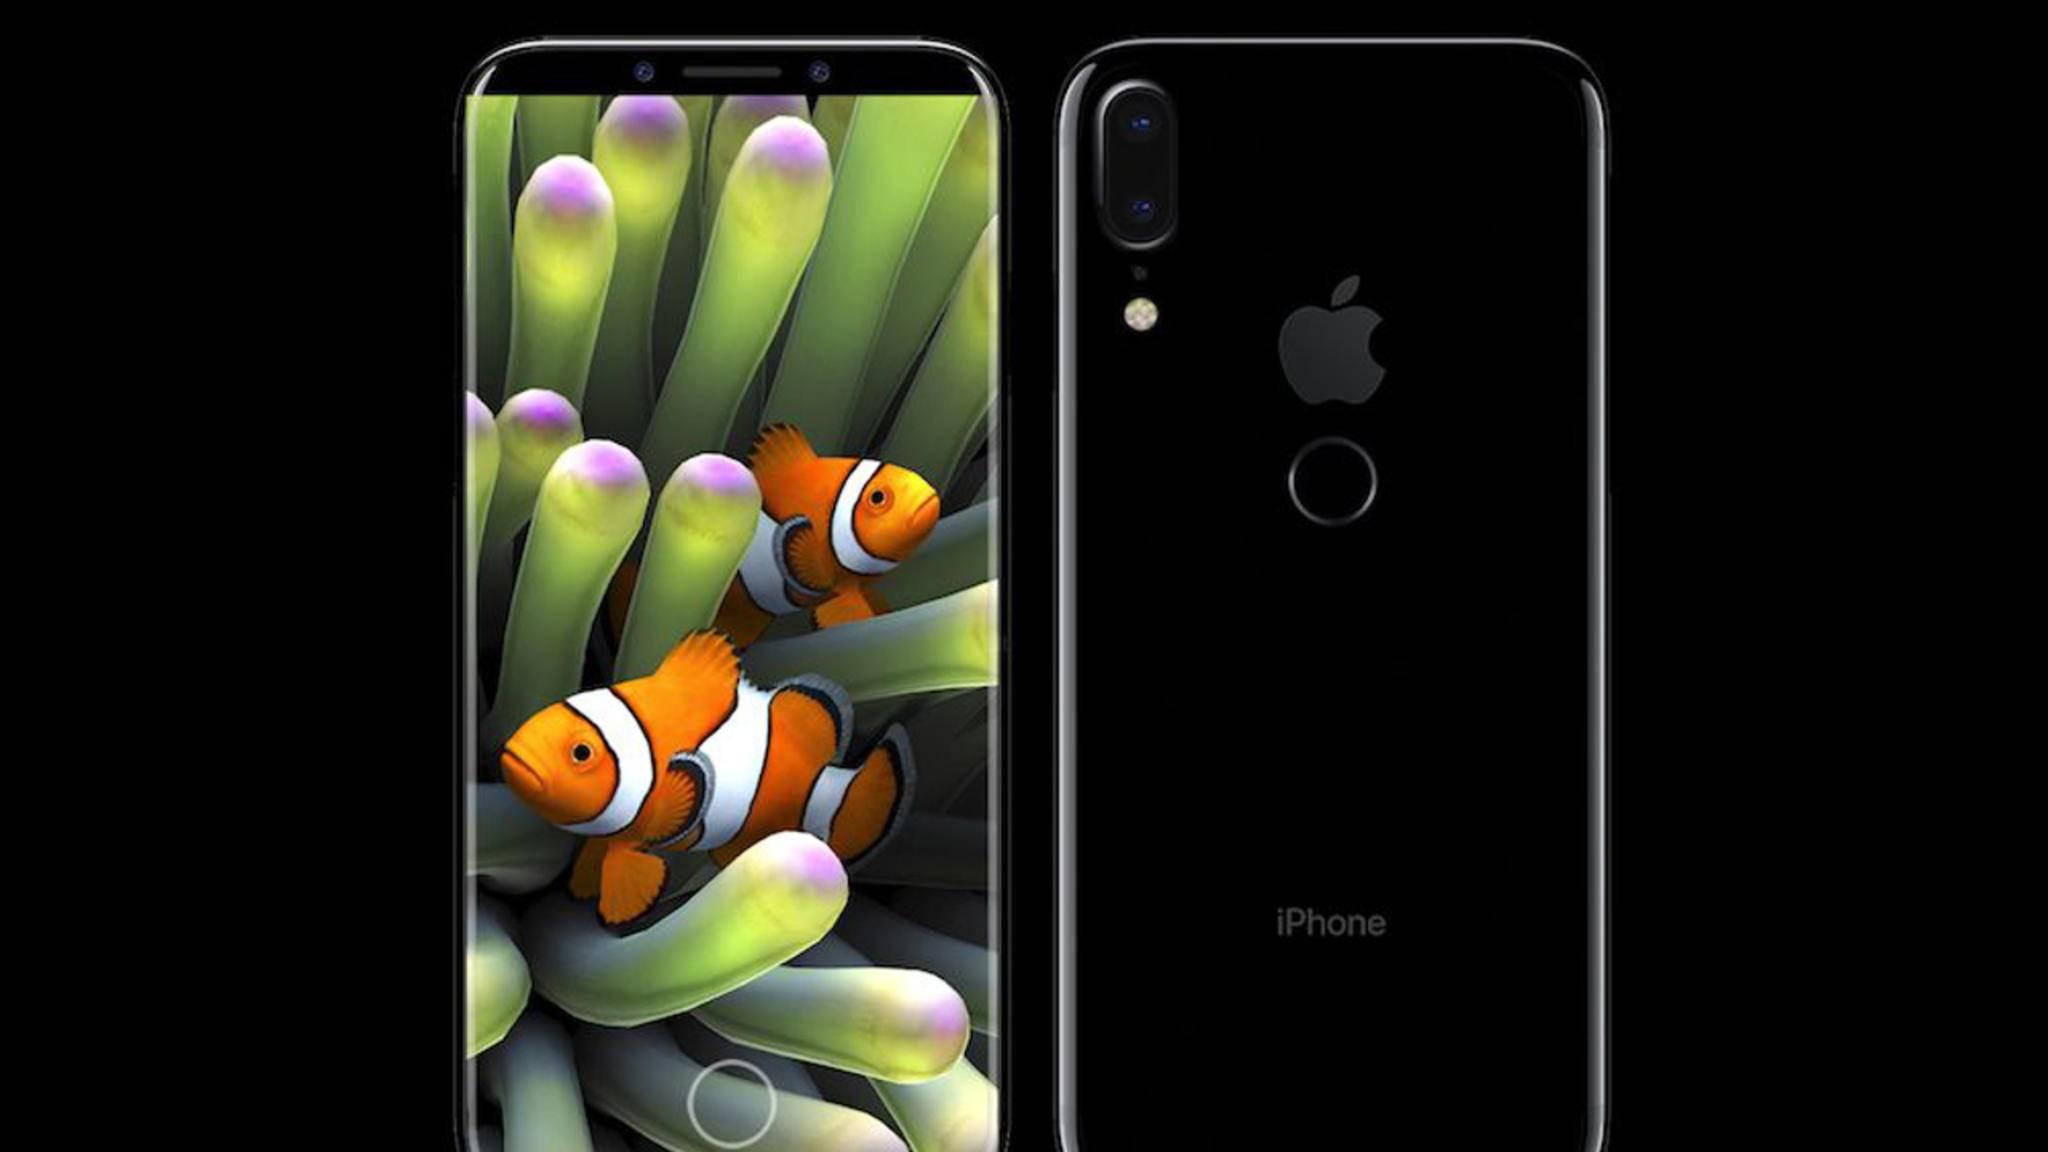 Nicht mehr horizontal, sondern vertikal: So könnte die Dual-Kamera des iPhone 8 aussehen.